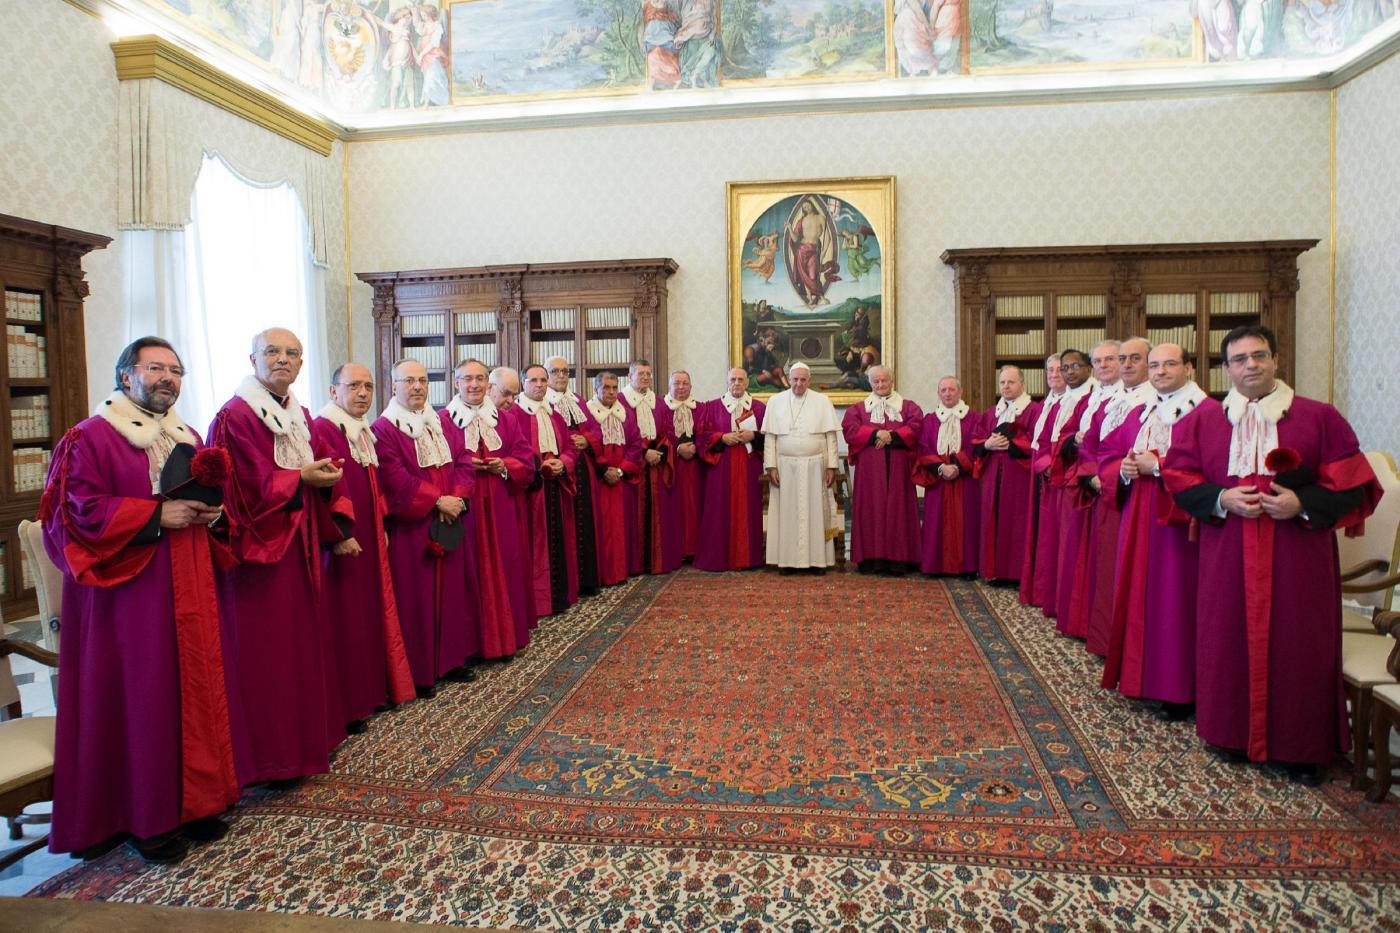 Annullamento matrimonio religioso: come fare? La nuova procedura voluta da Papa Francesco